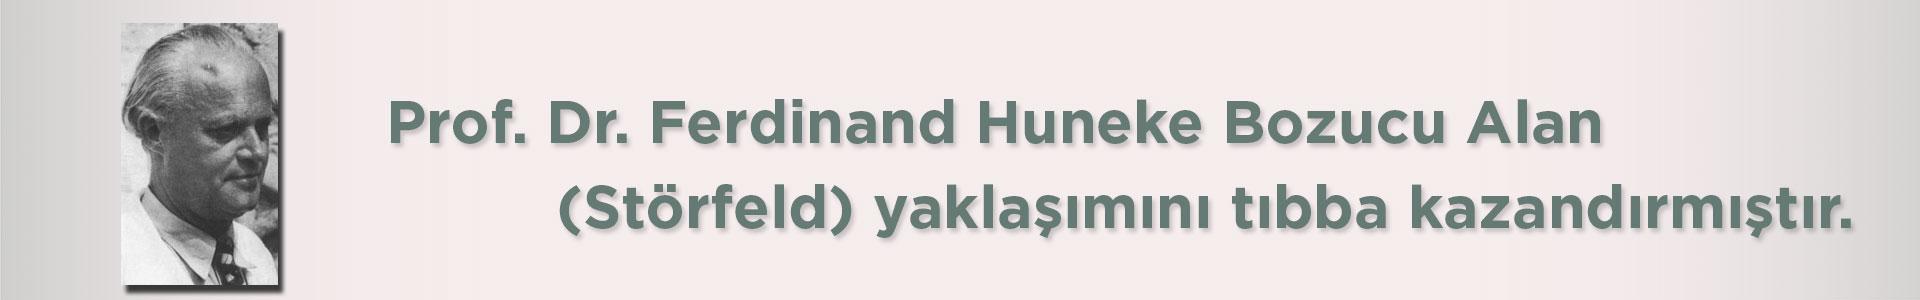 Prof. Dr. Ferdinand Huneke bozucu alan (störfeld) yaklaşımını tıbba kazandırmıştır